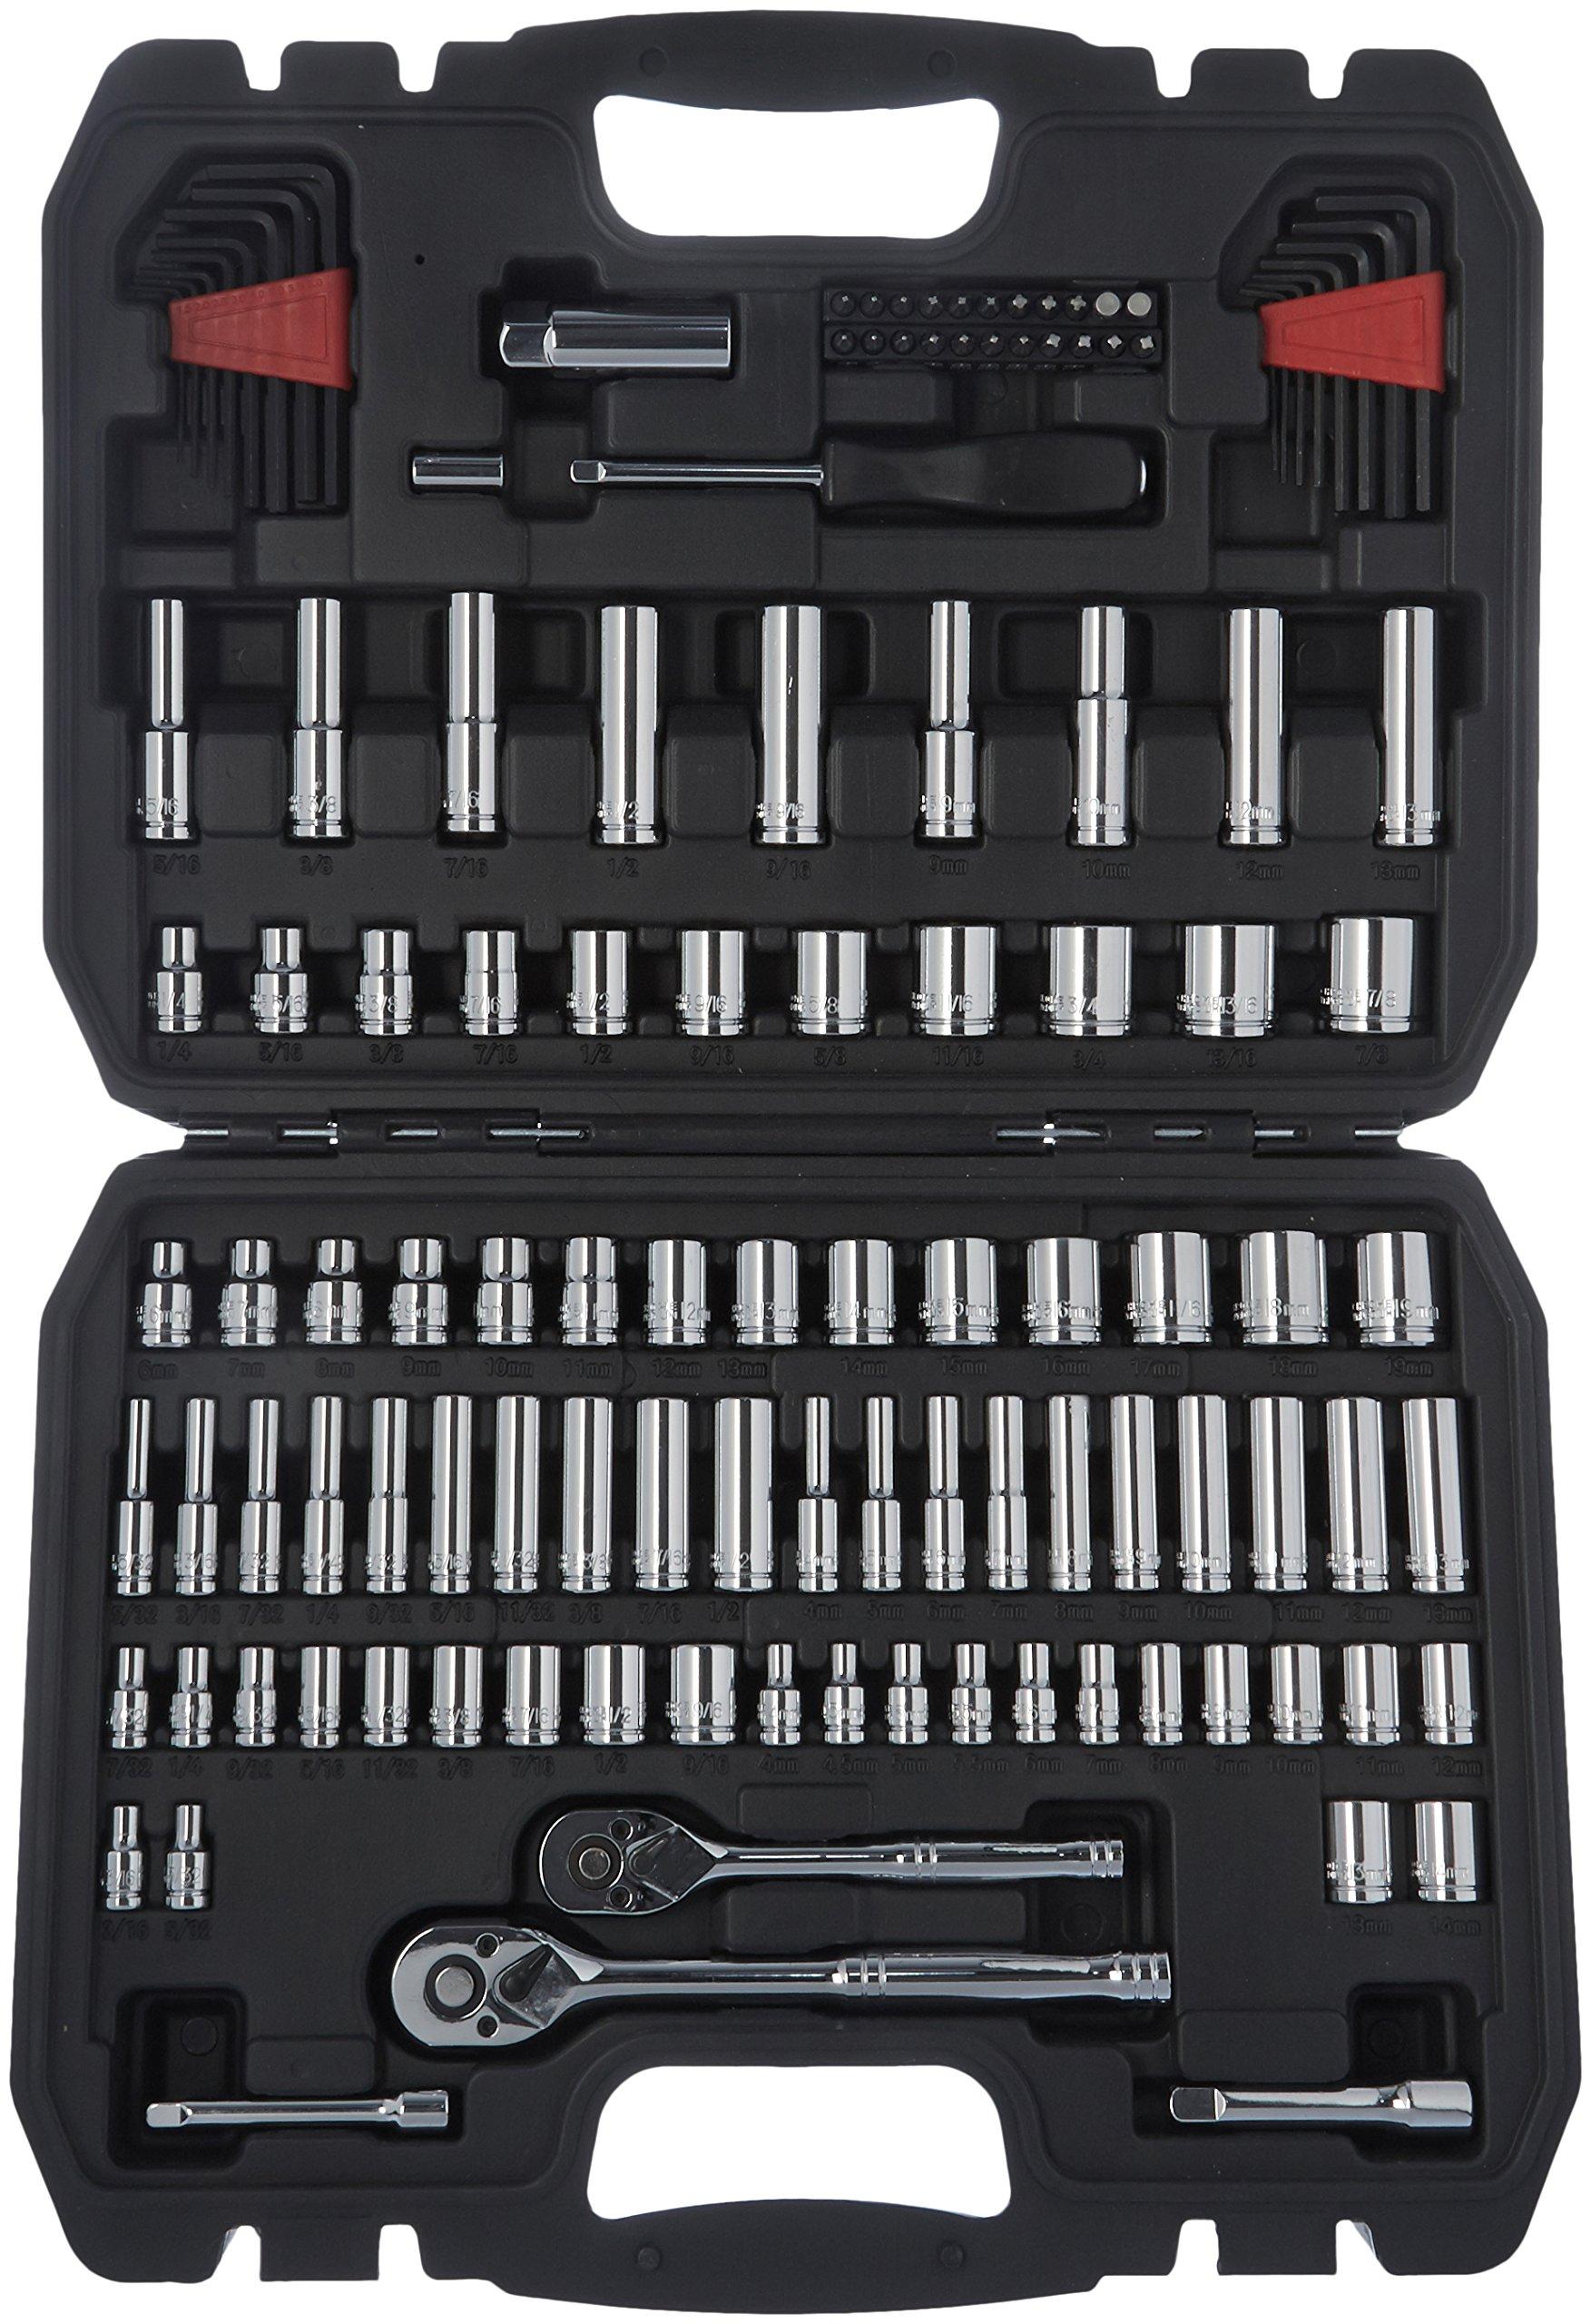 Amazon Basics Mechanic Socket Tool Kit Set With Case - Set of 123